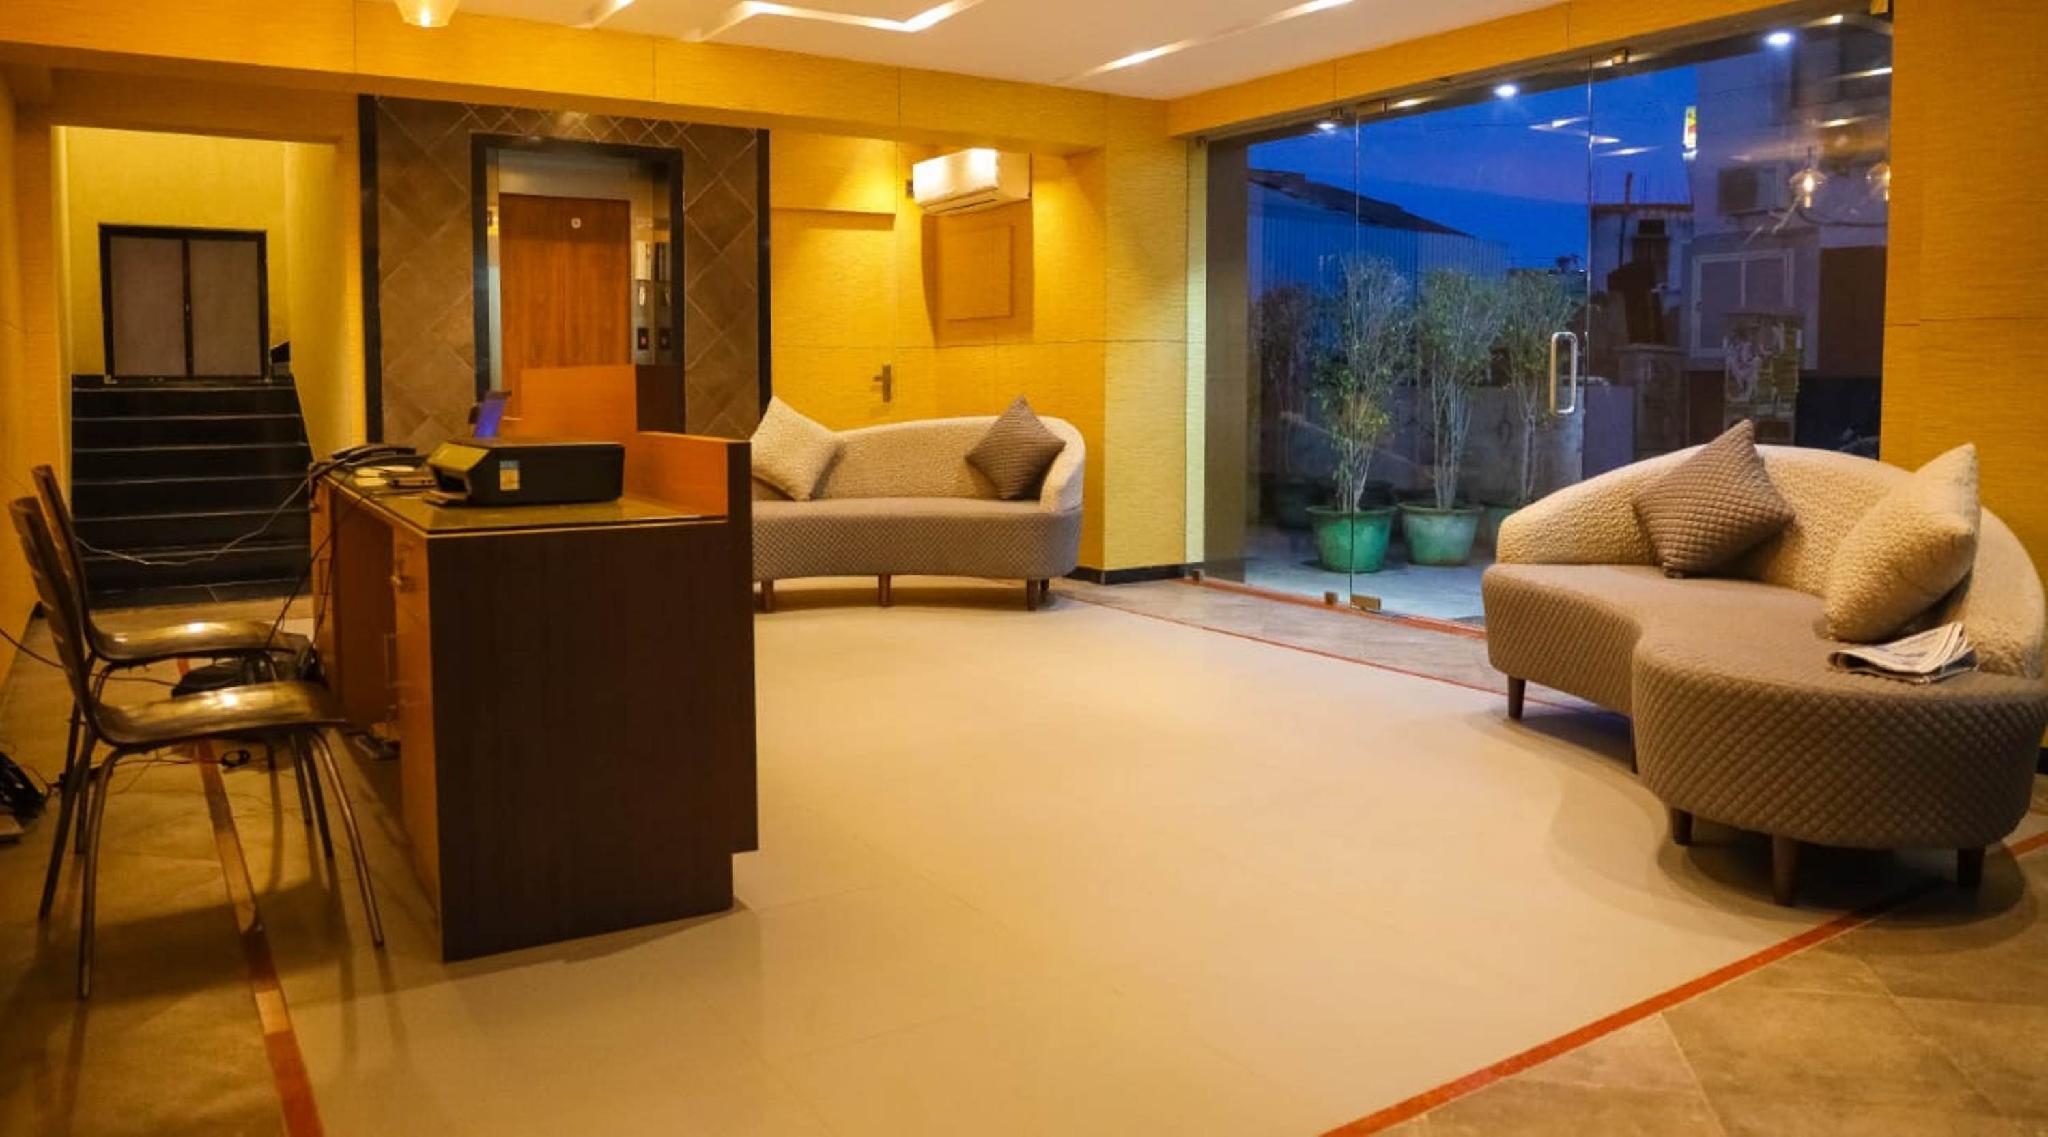 FIRST INN HOTELS CHENNAI